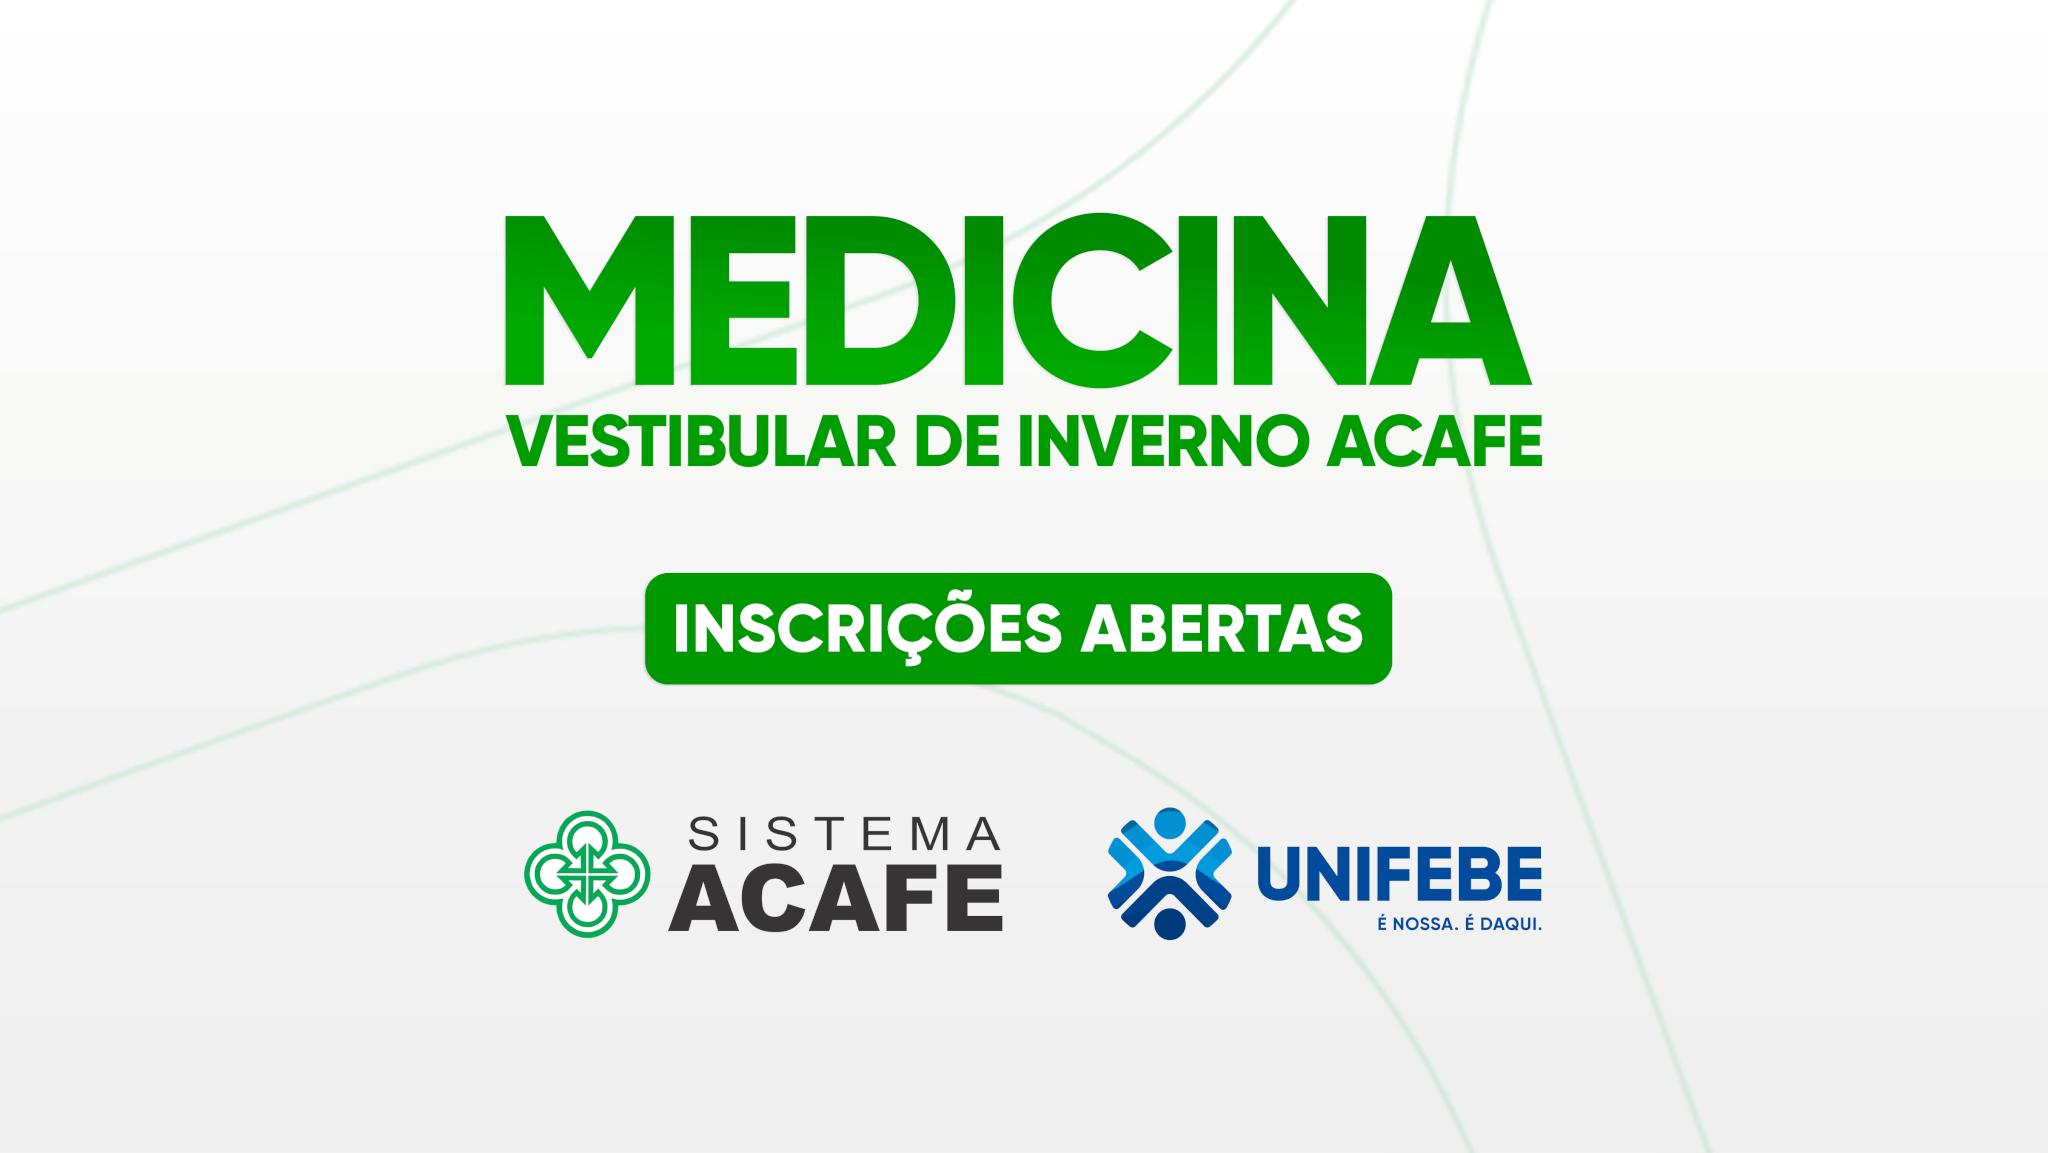 Inscrições abertas para o vestibular de Medicina UNIFEBE 2021.2